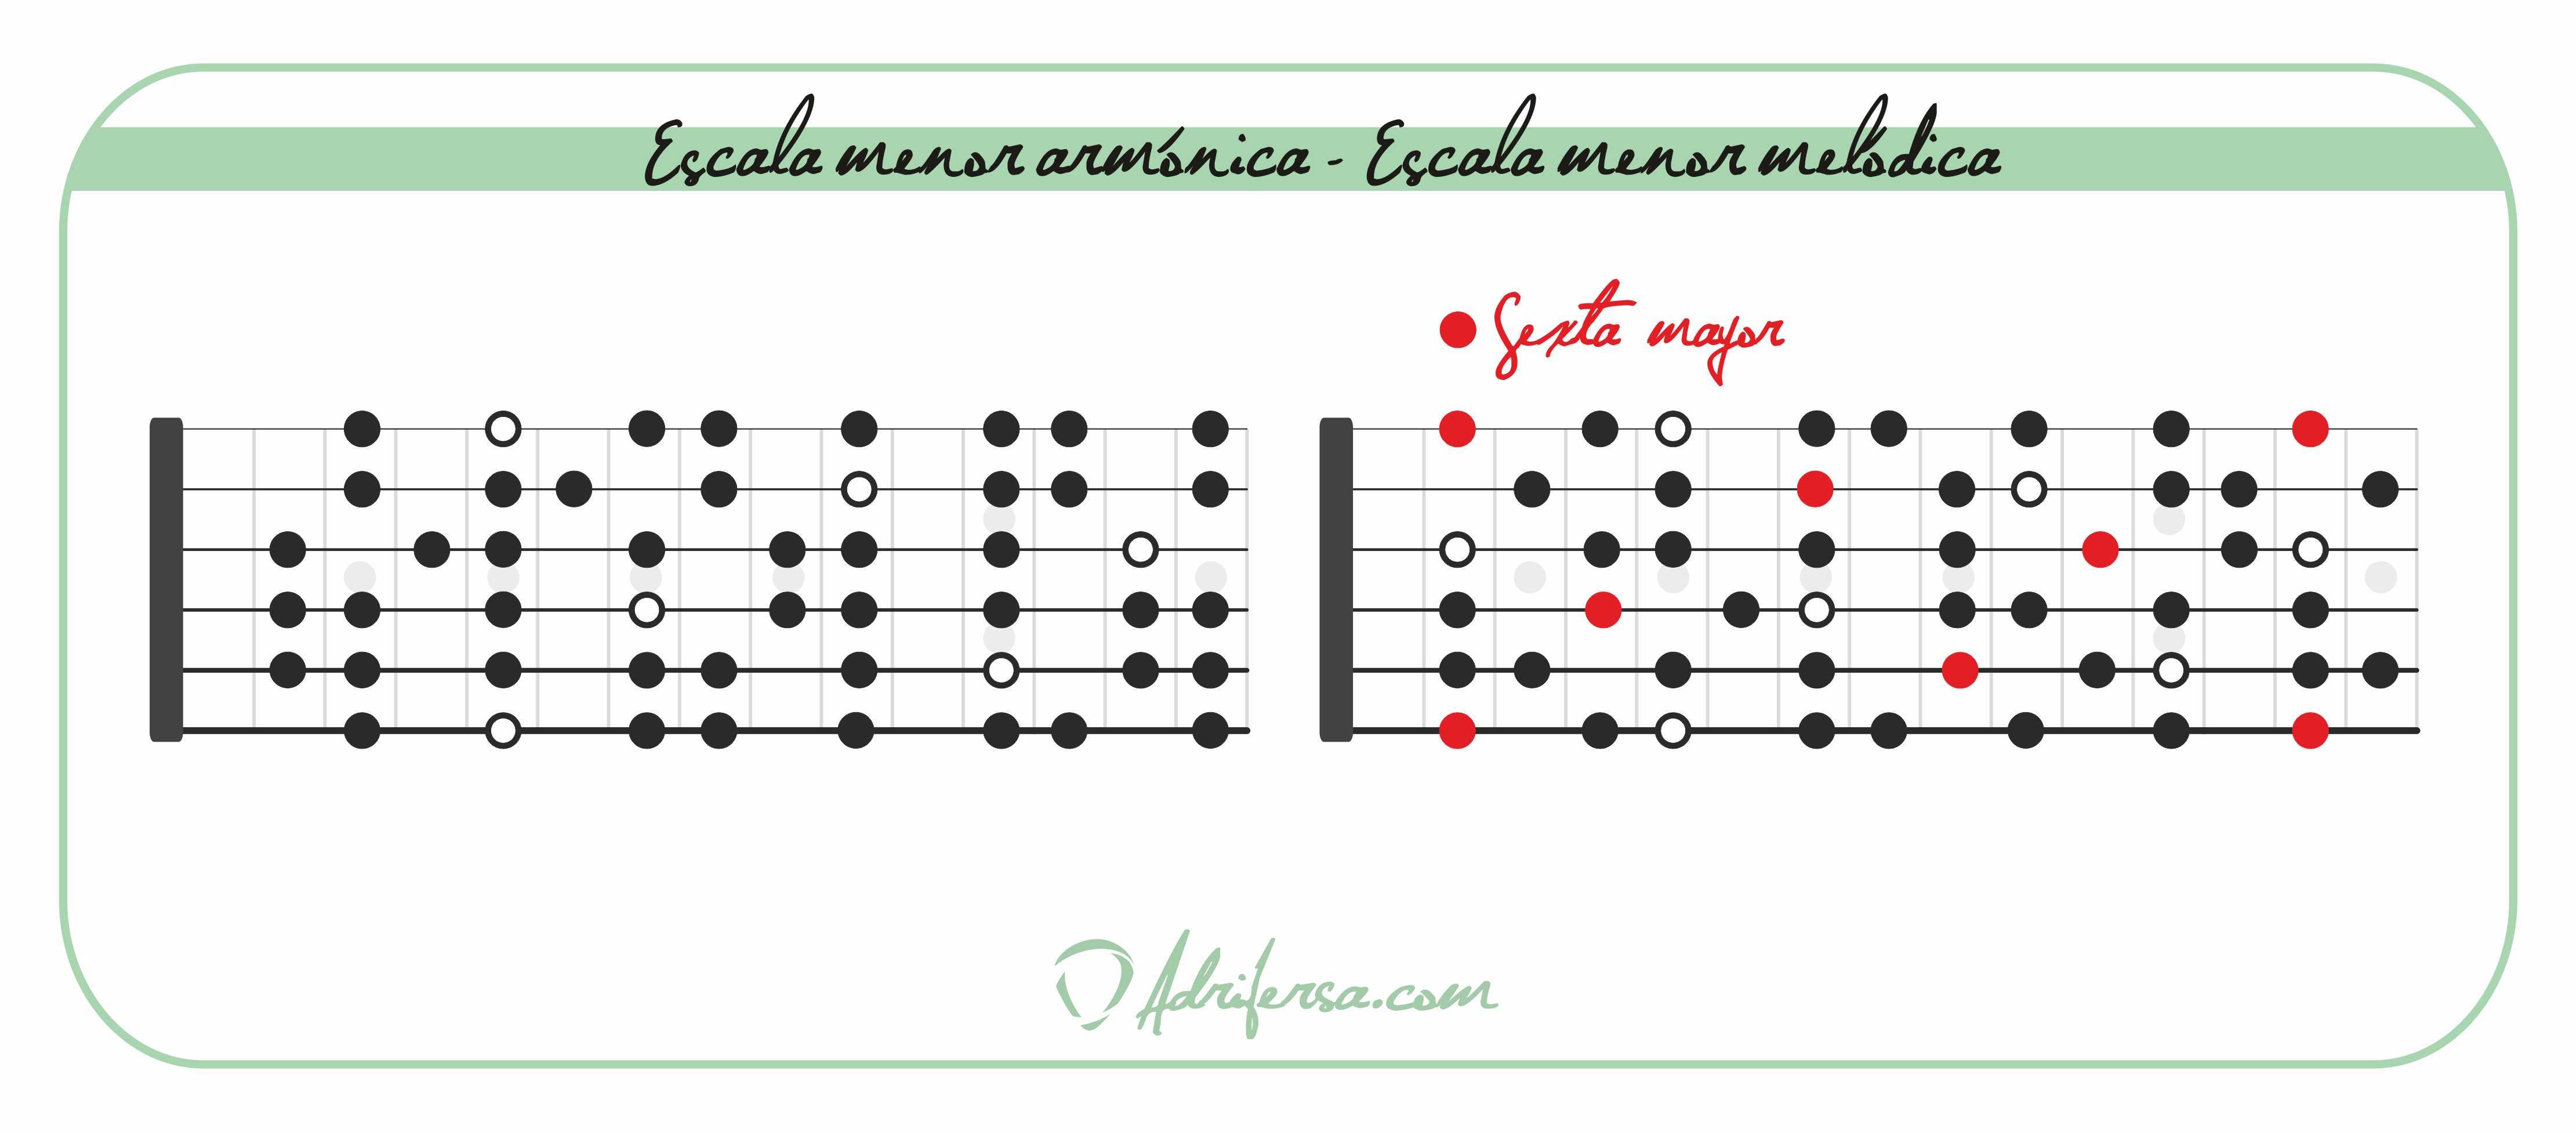 diferencias entre la escala menor armónica y menor melódica